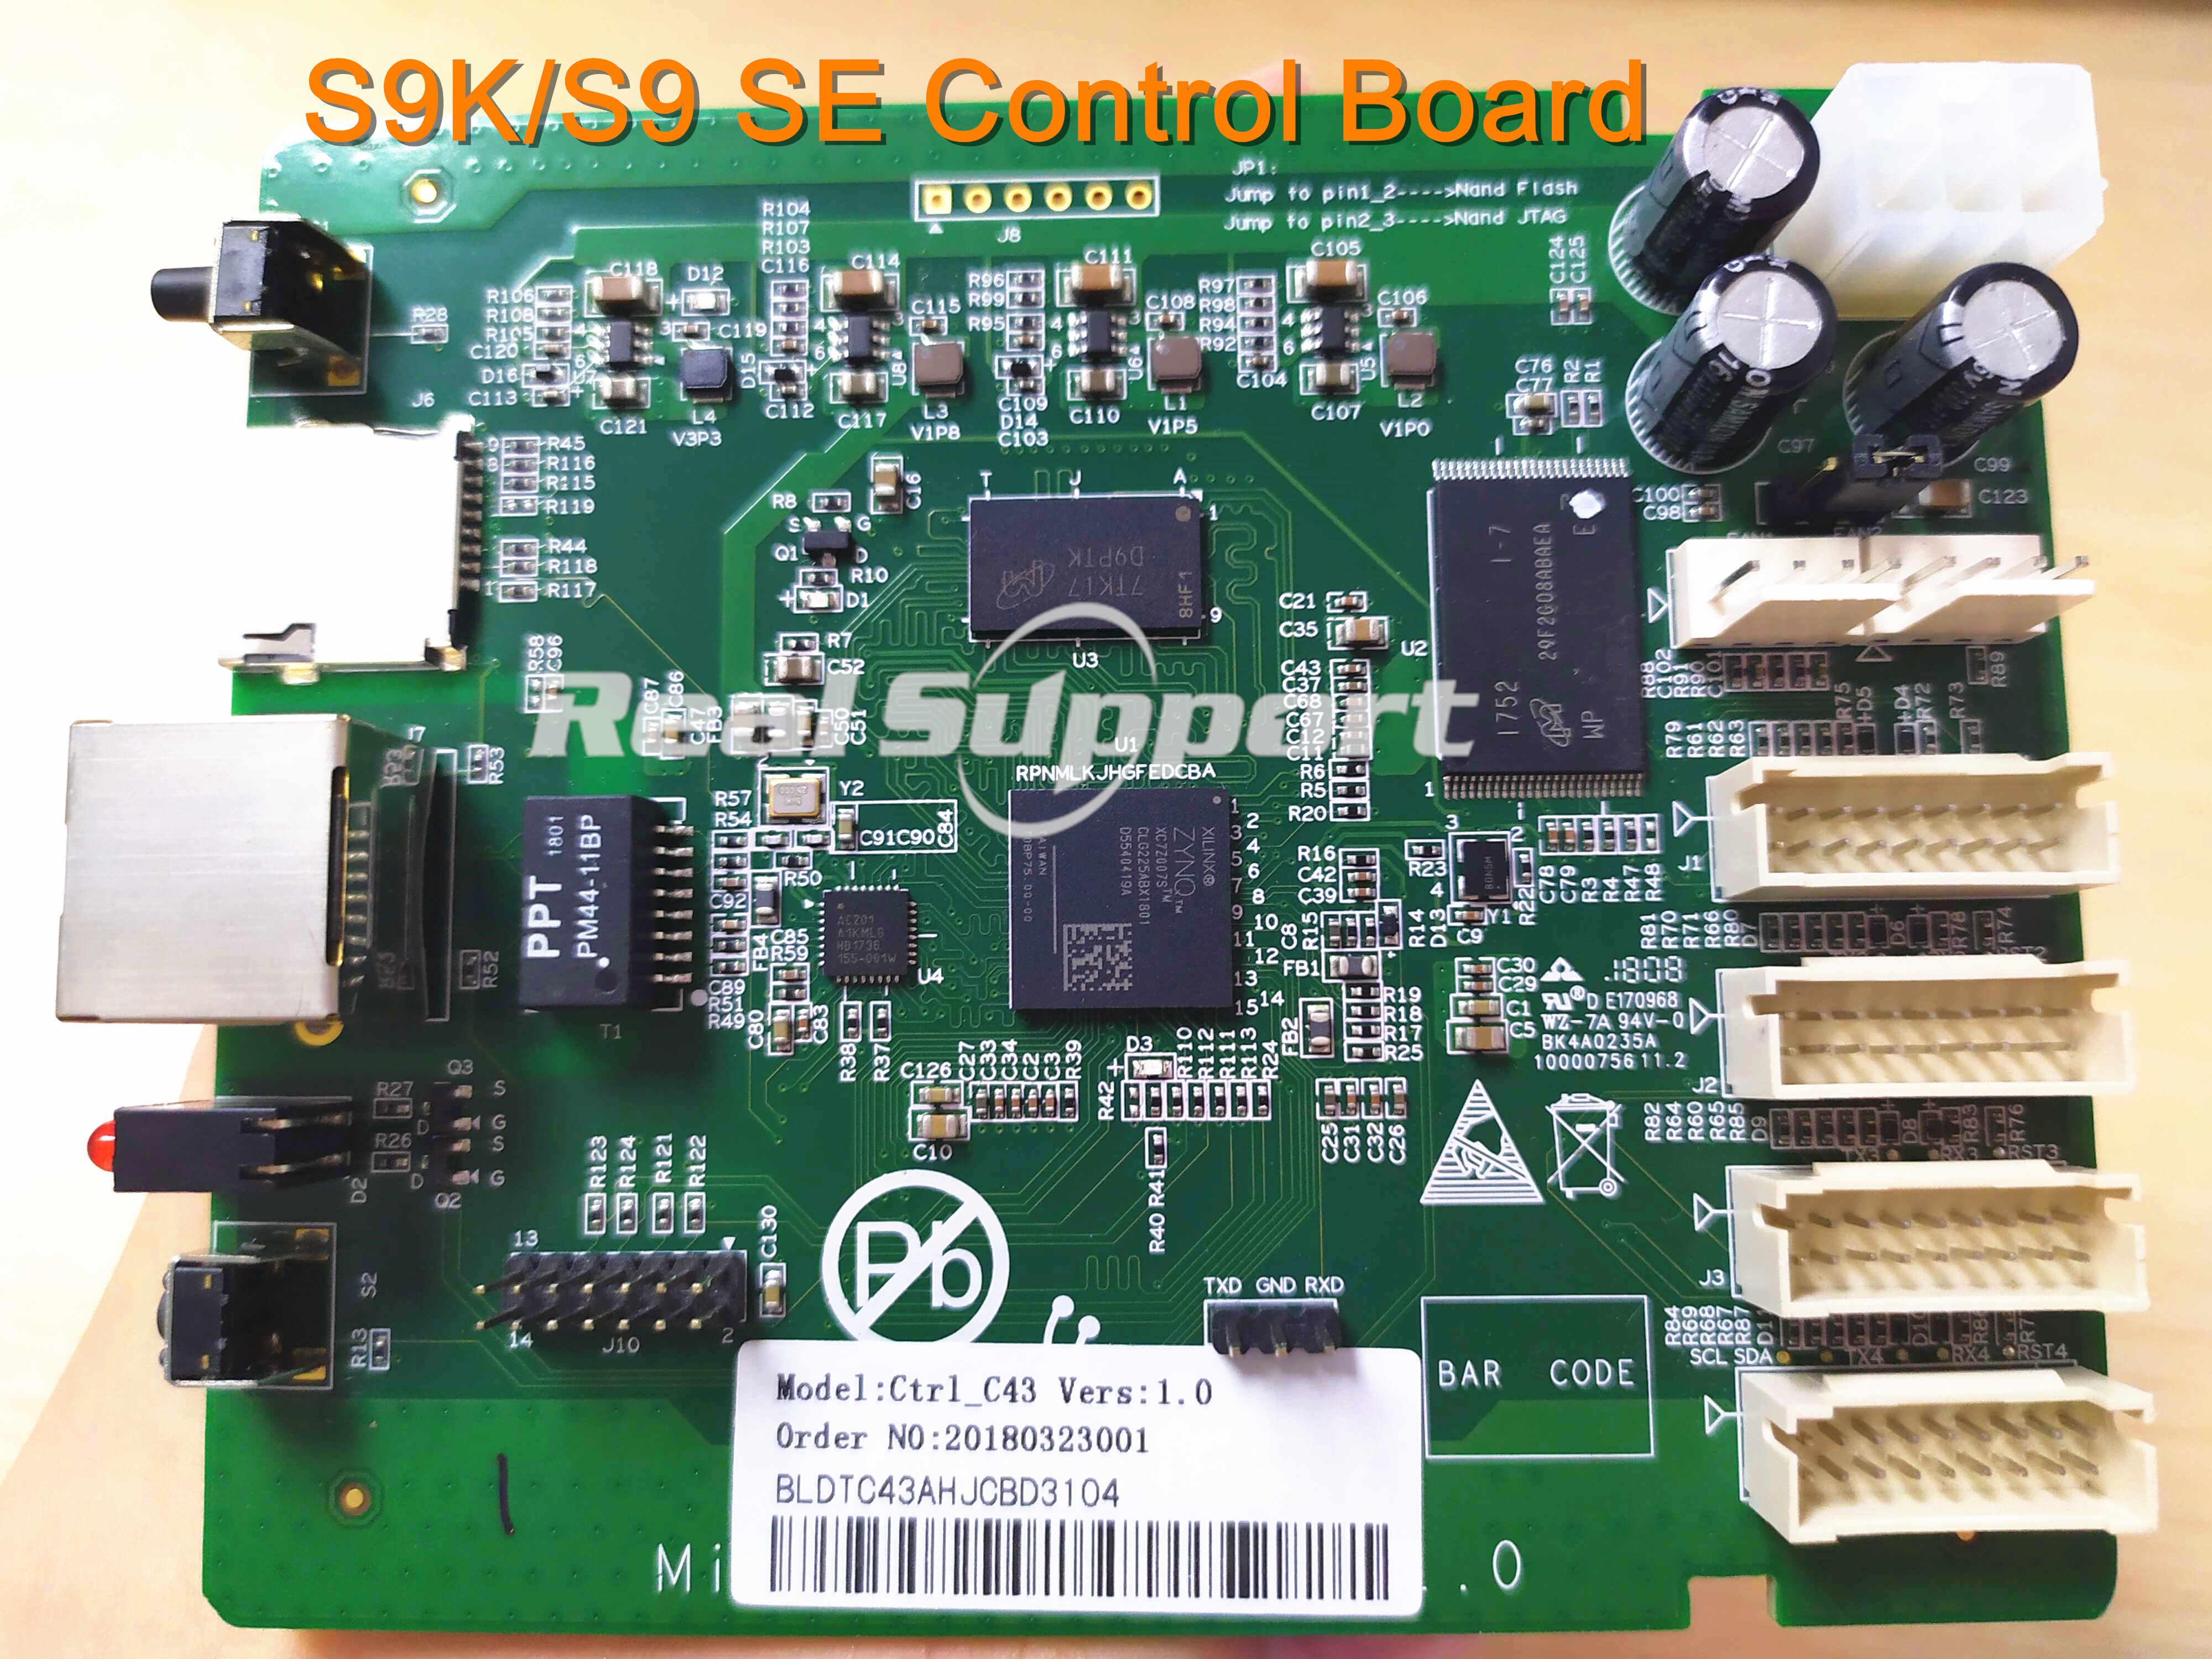 S9K/S9 SE kontrol panosu